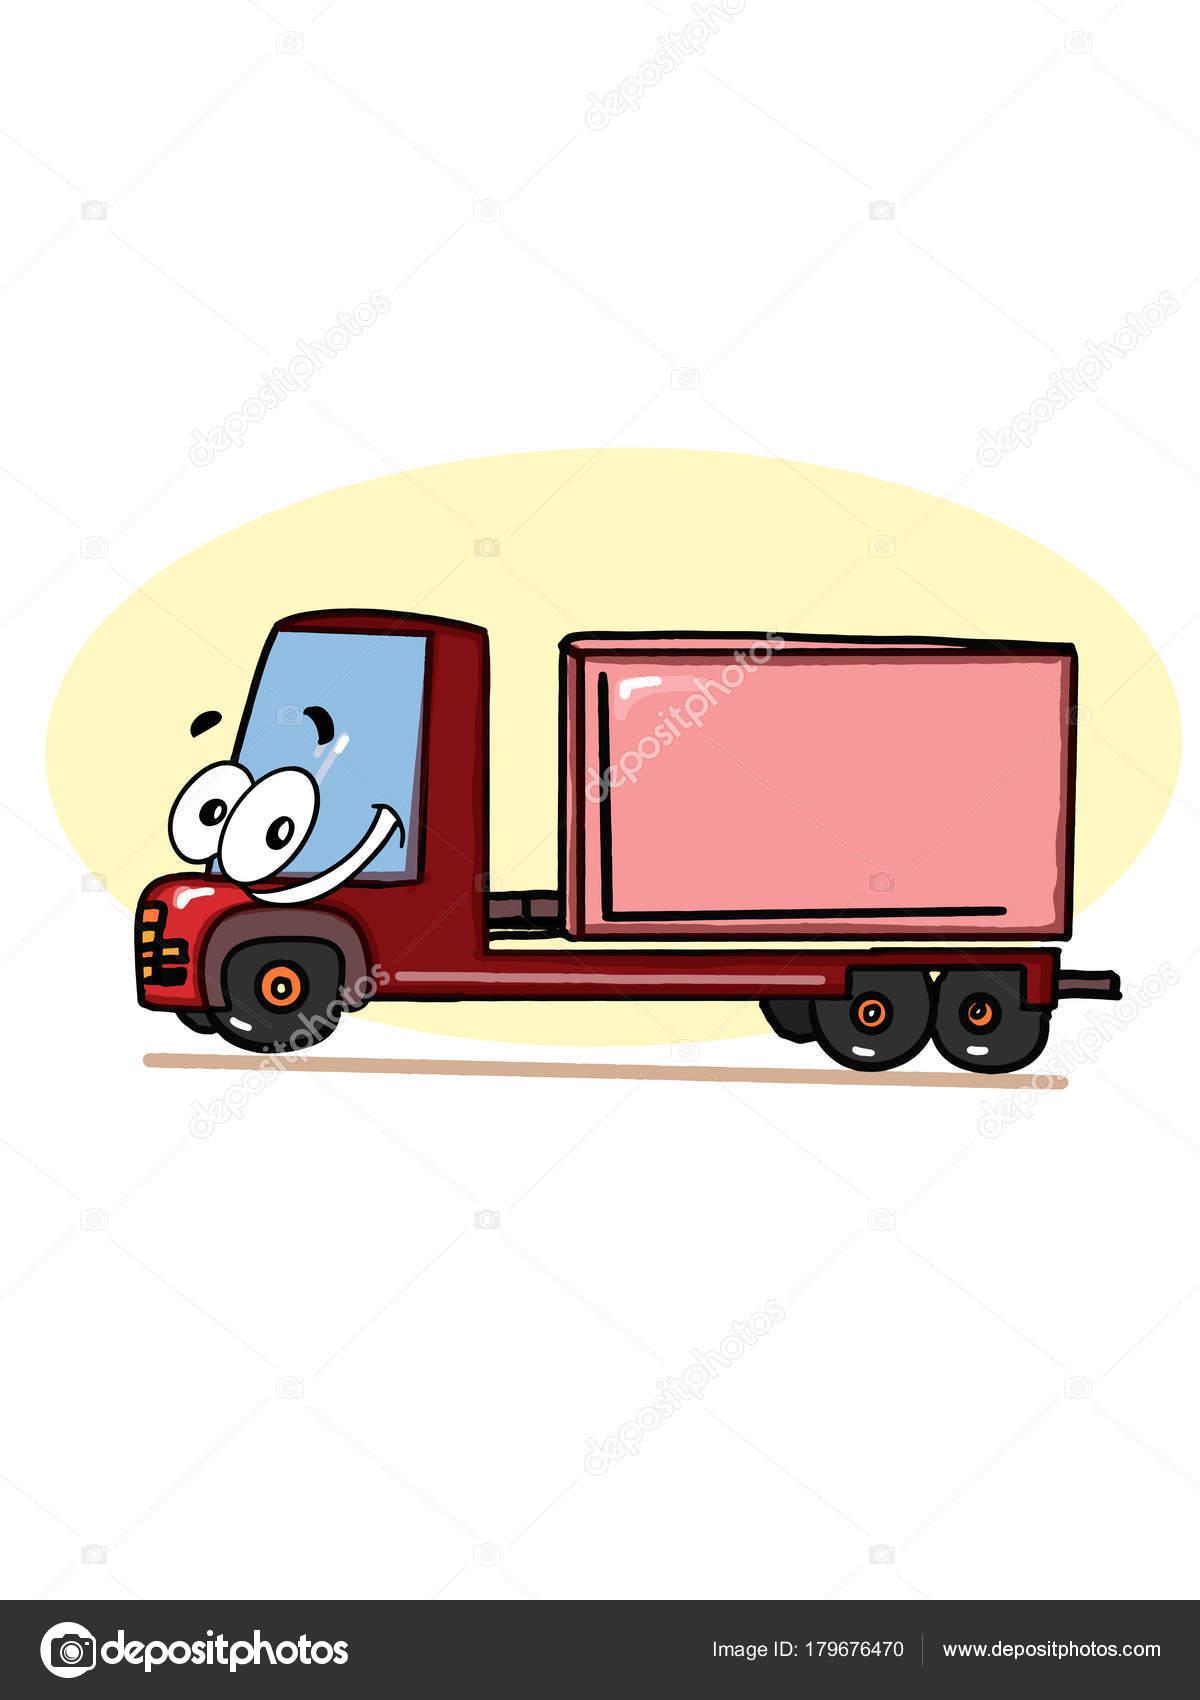 Dibujos Animados Ilustración Vehículo Dibujo Para Colorear — Foto de ...